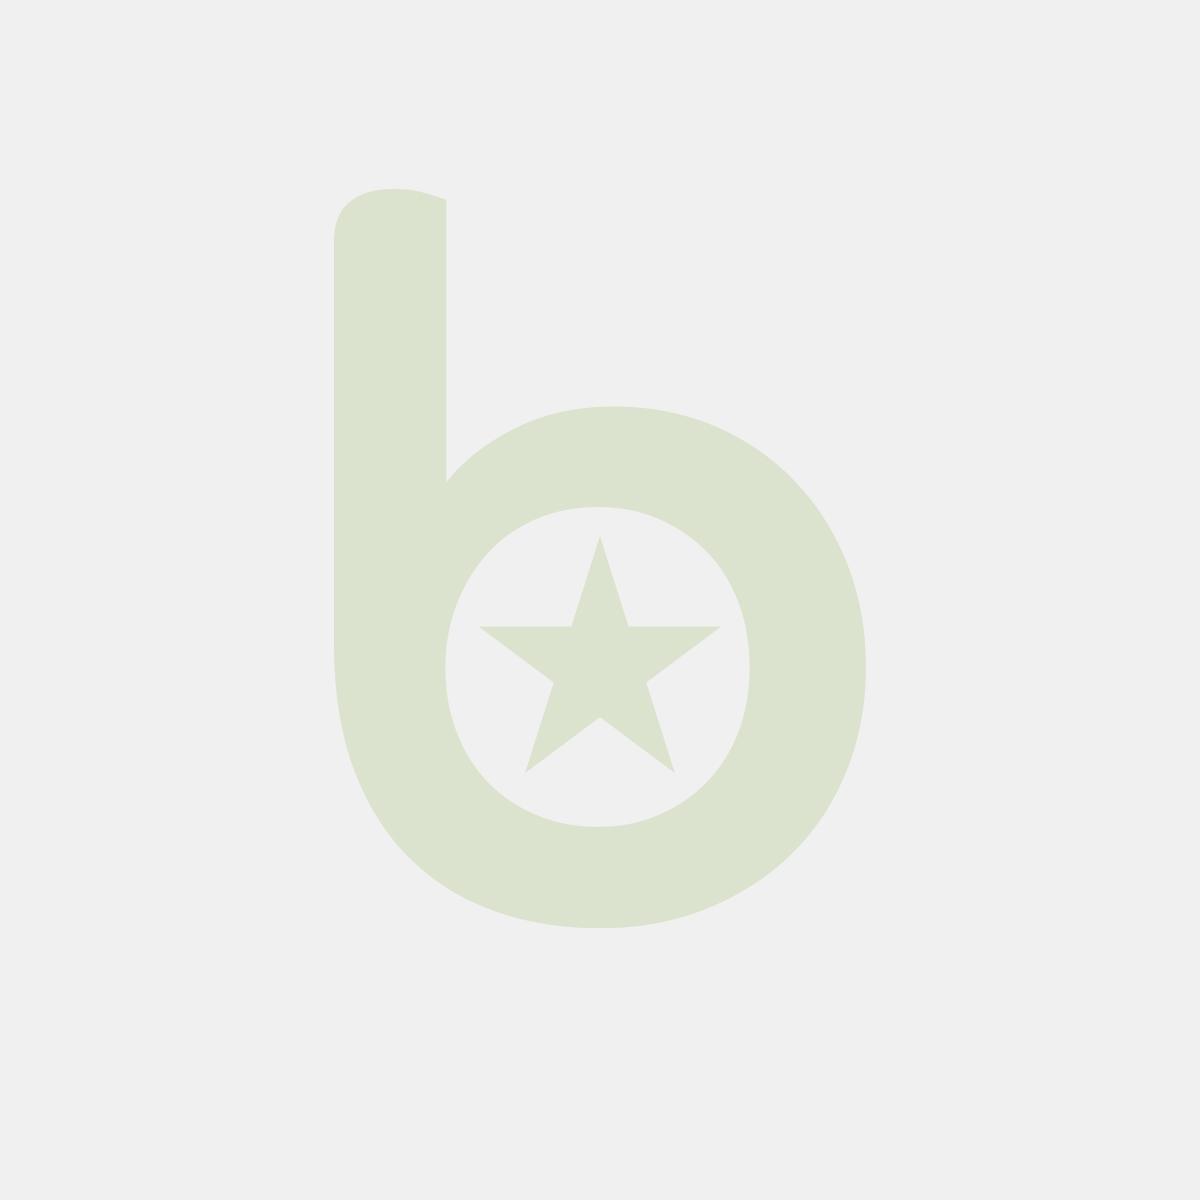 Pucharek FINGERFOOD czarny, 7/6 cm, PS, 25 szt. w opakowaniu